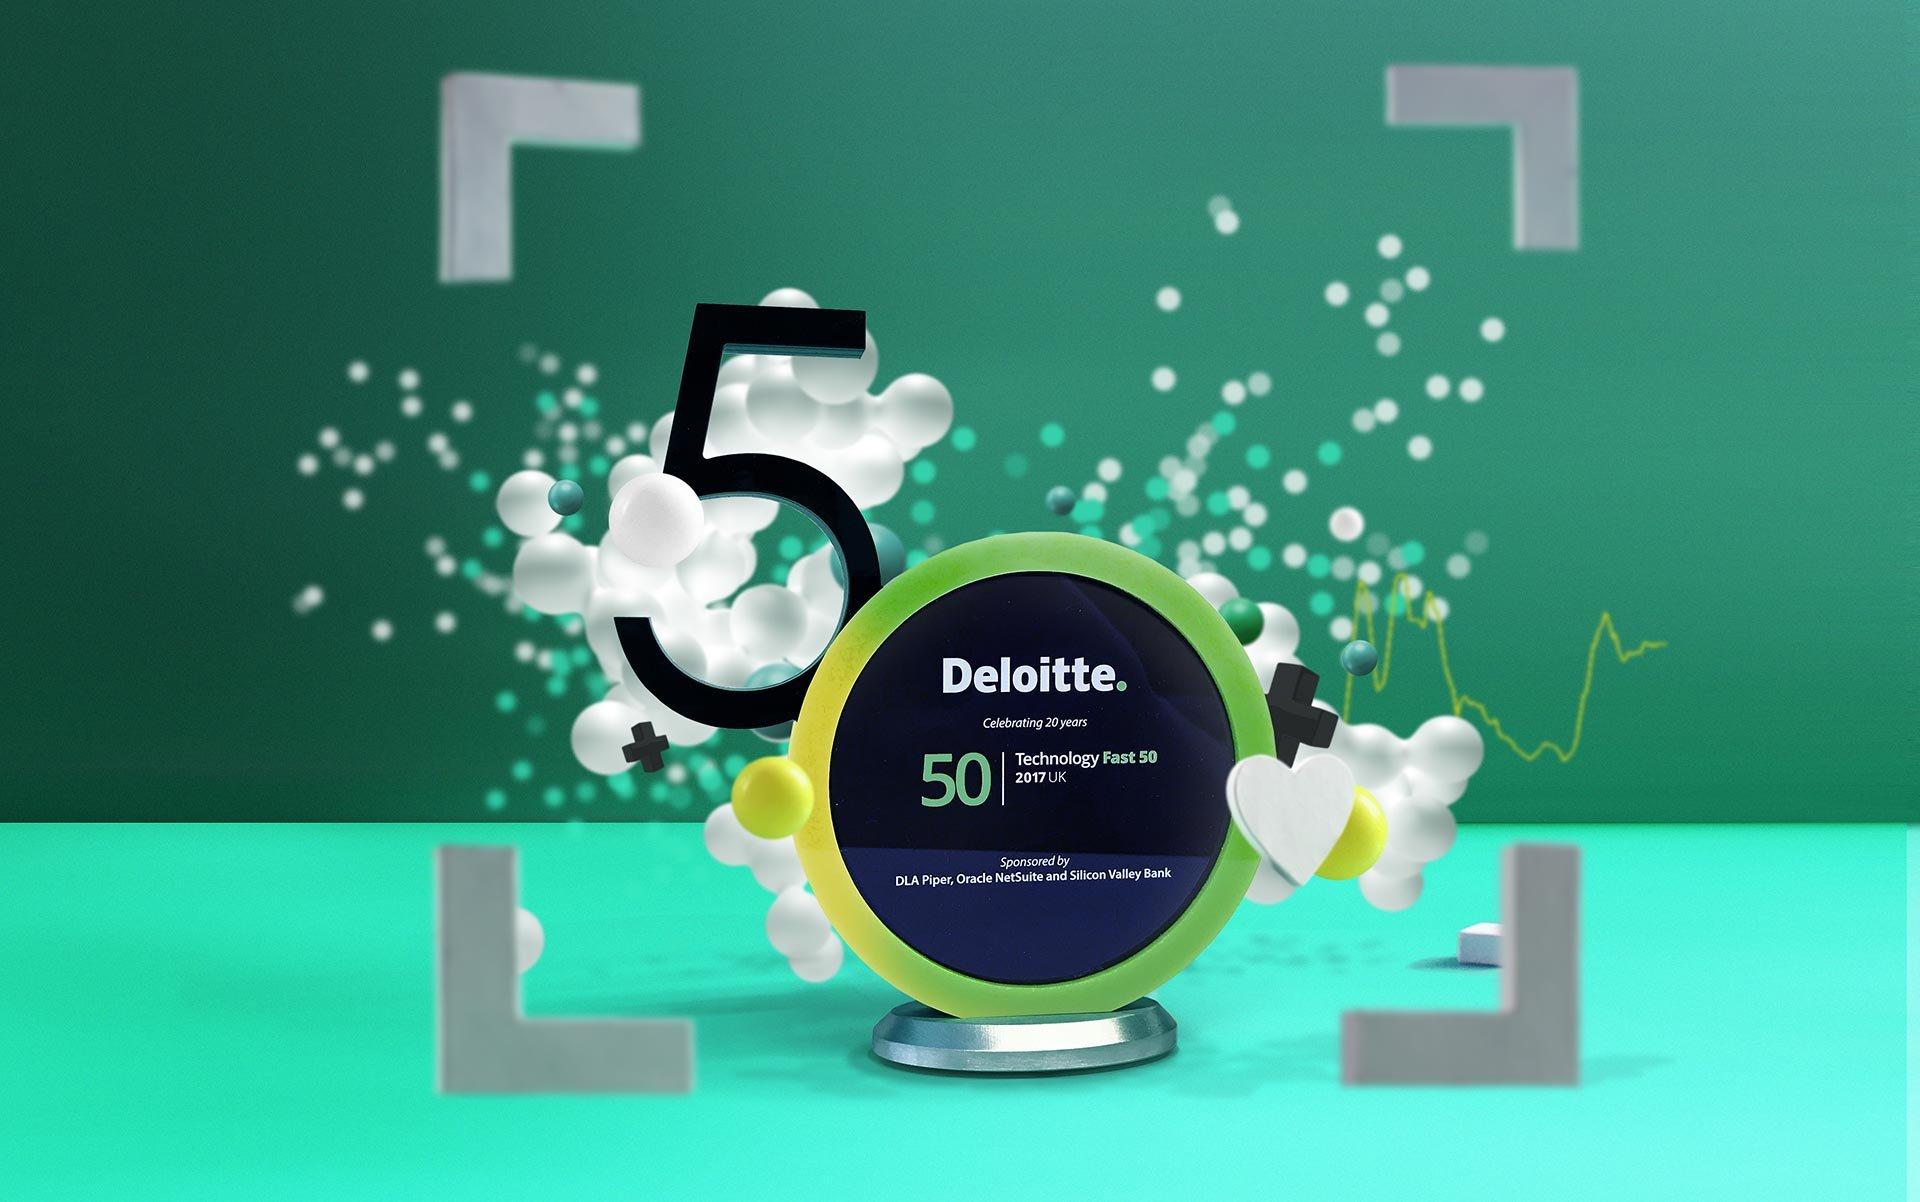 Deloitte Tech Fast50